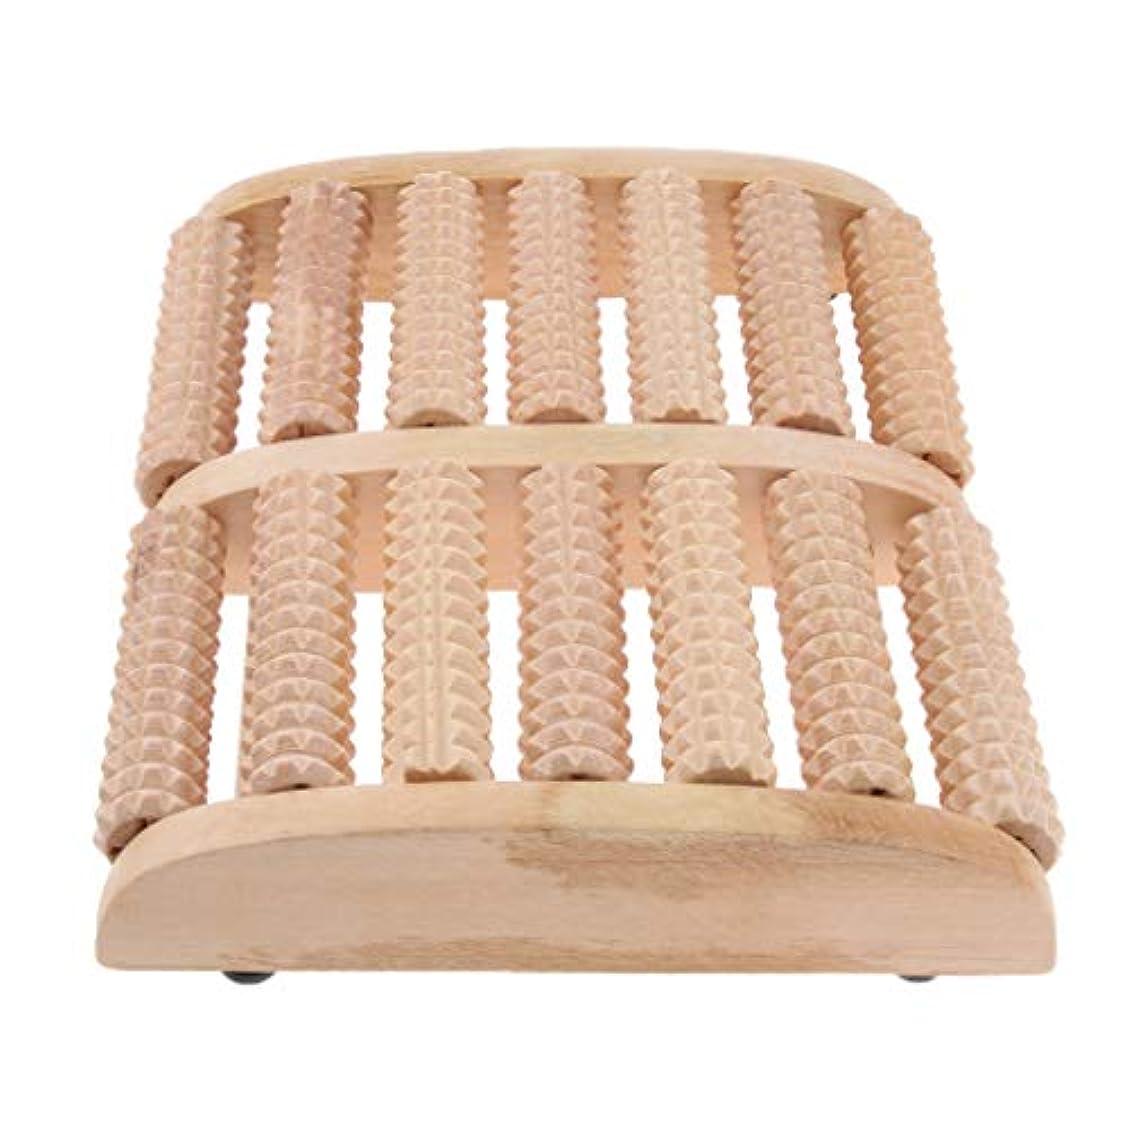 不格好のどつなぐIPOTCH マッサージローラー 7行 自然木製 足踏み フットマッサージ ツボ押し 痛み緩和 健康器具 高品質